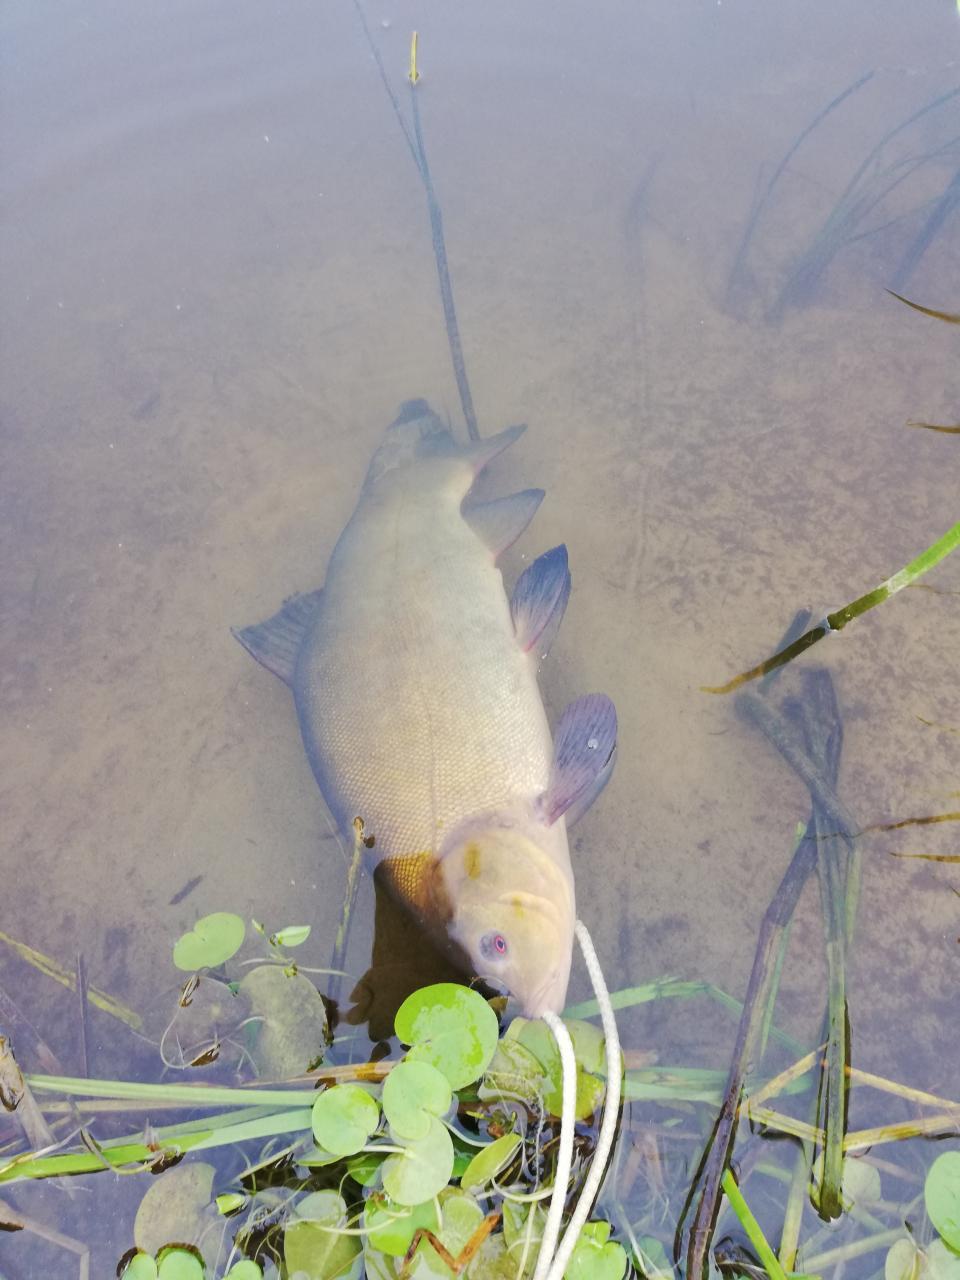 Провел выходные на реке(2 дня). Ловил в основном ... | Отчеты о рыбалке в Беларуси